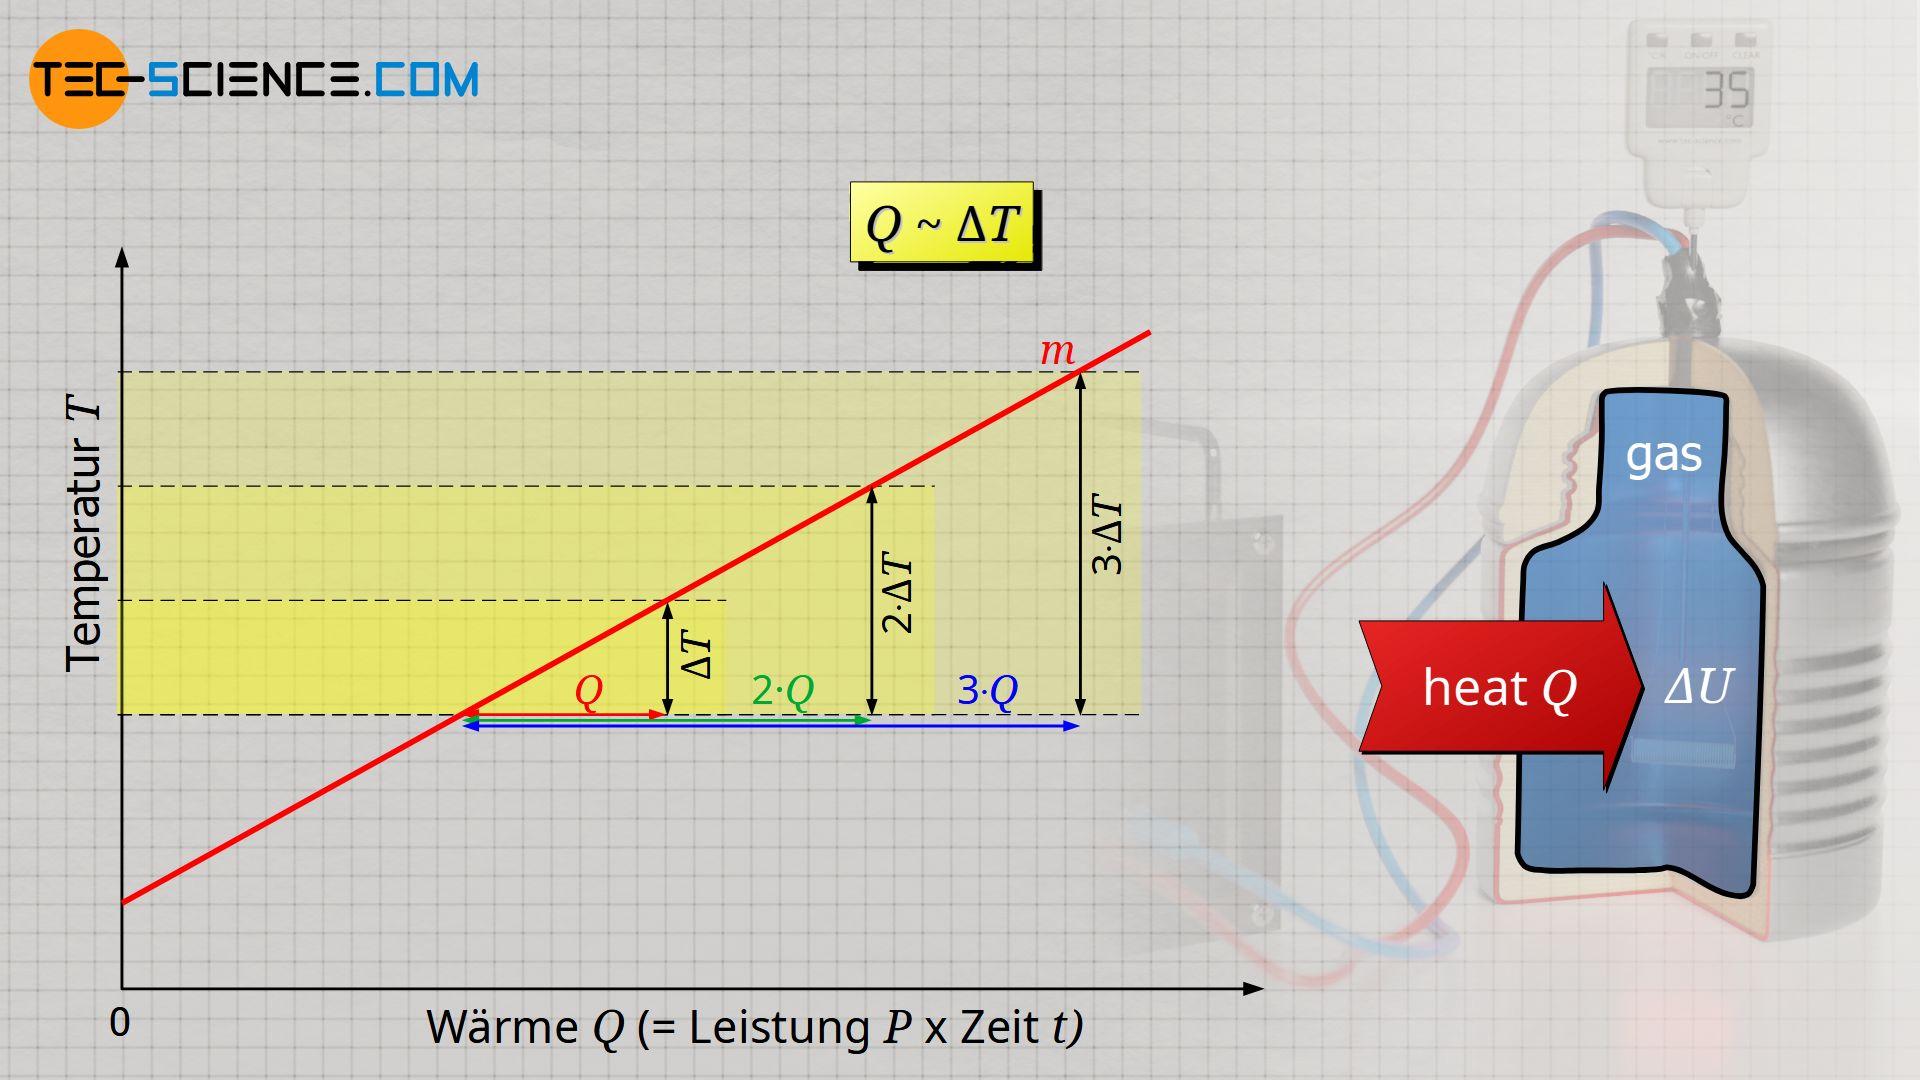 Proportionalität zwischen Wärme und Temperaturänderung bei konstanter Masse